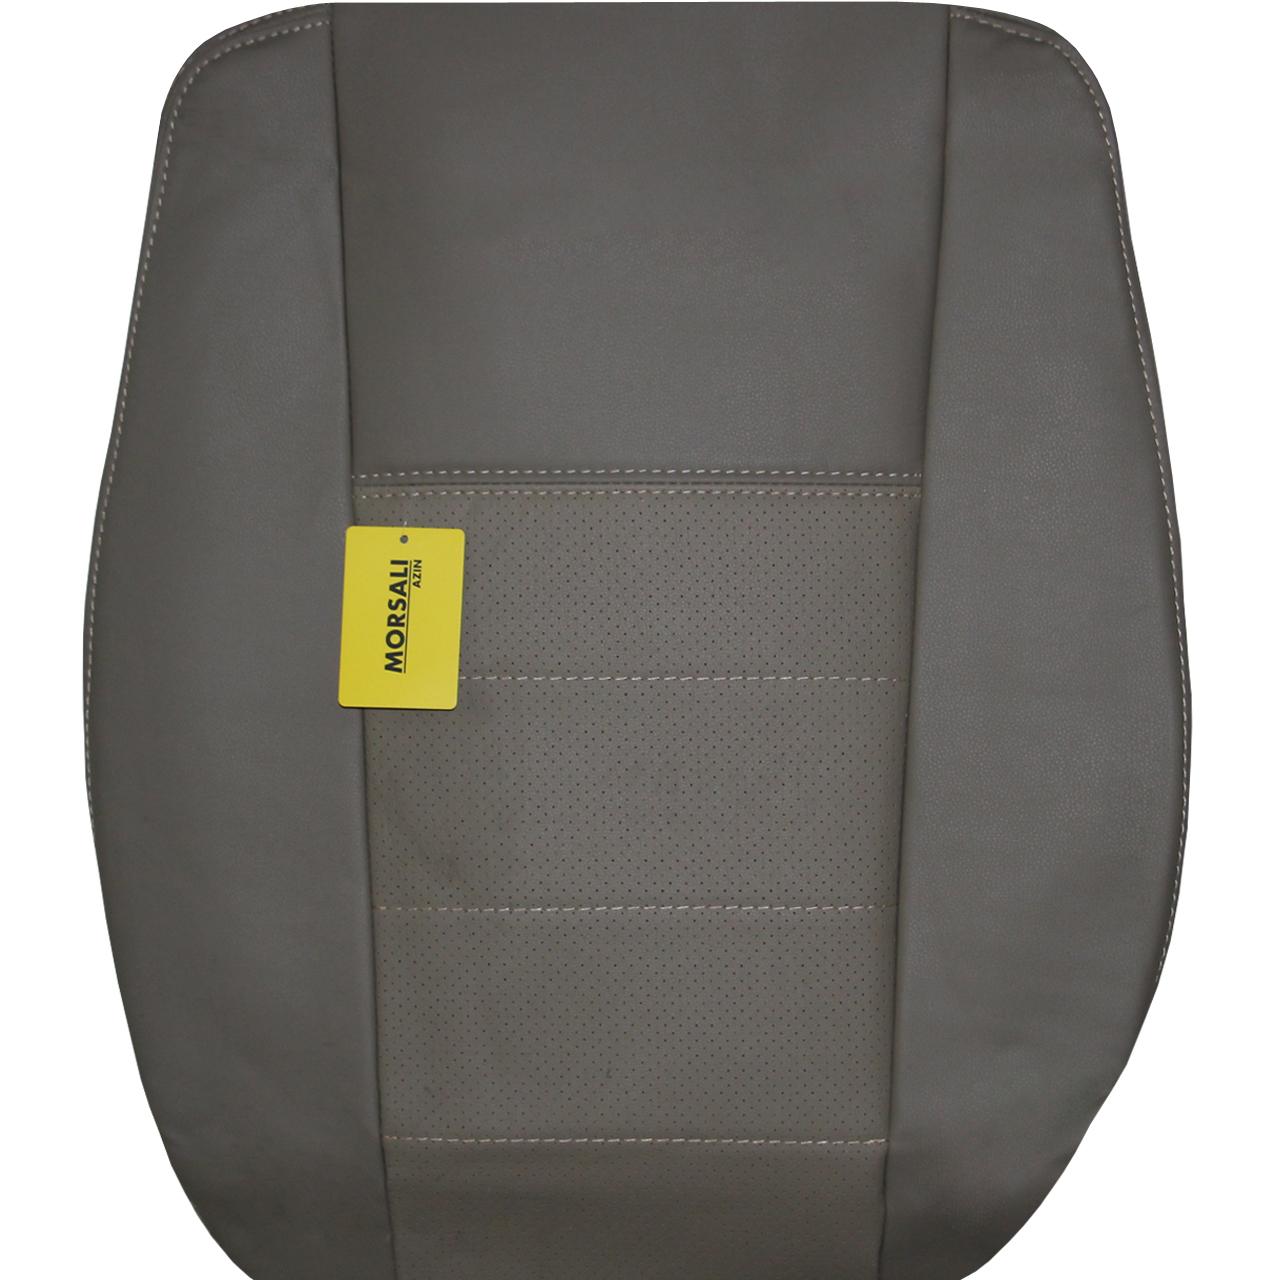 روکش صندلی آذین مرسلی کد AZ074 مناسب برای توسان 2010